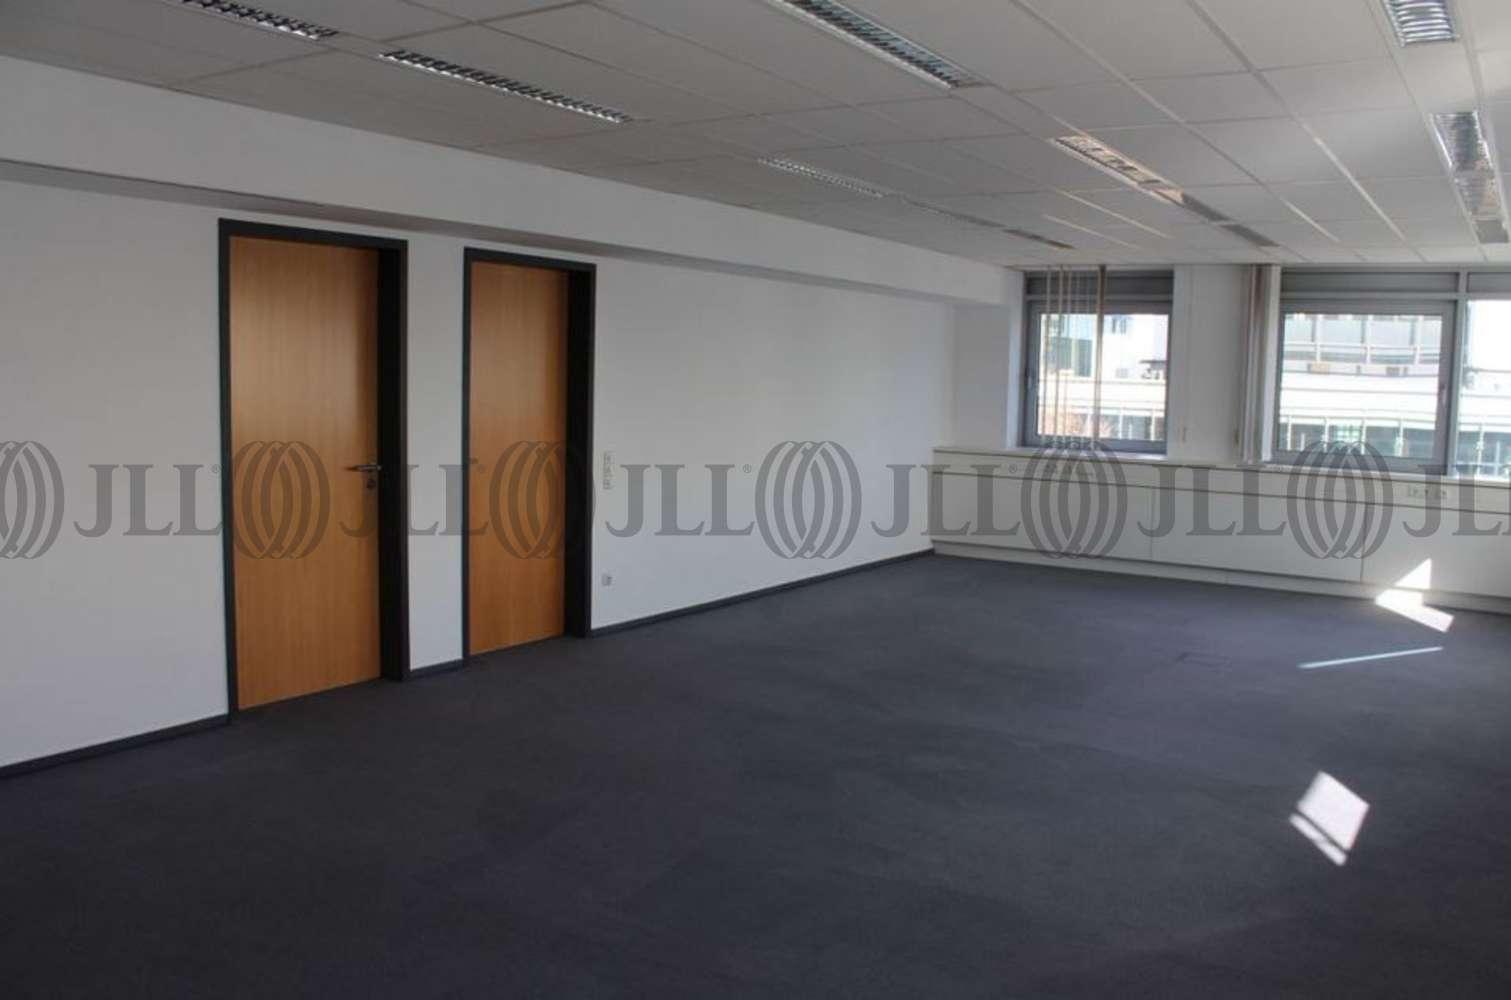 Büros Ludwigshafen am rhein, 67059 - Büro - Ludwigshafen am Rhein, Mitte - F1800 - 9887097